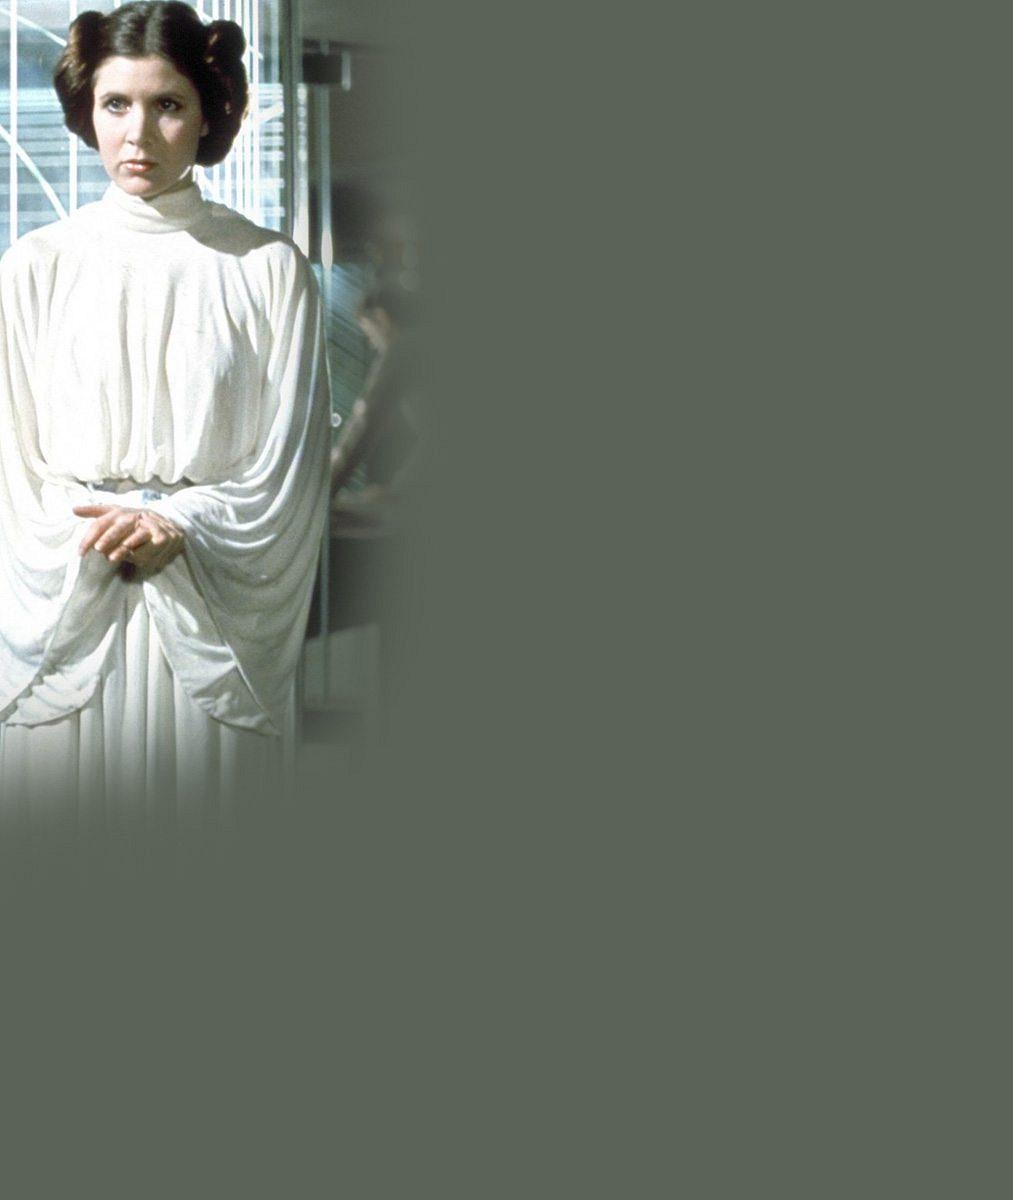 Dvojitá dávka smutku: Filmové hvězdy na pohřbu oplakávaly princeznu ze Star Wars i její slavnou matku